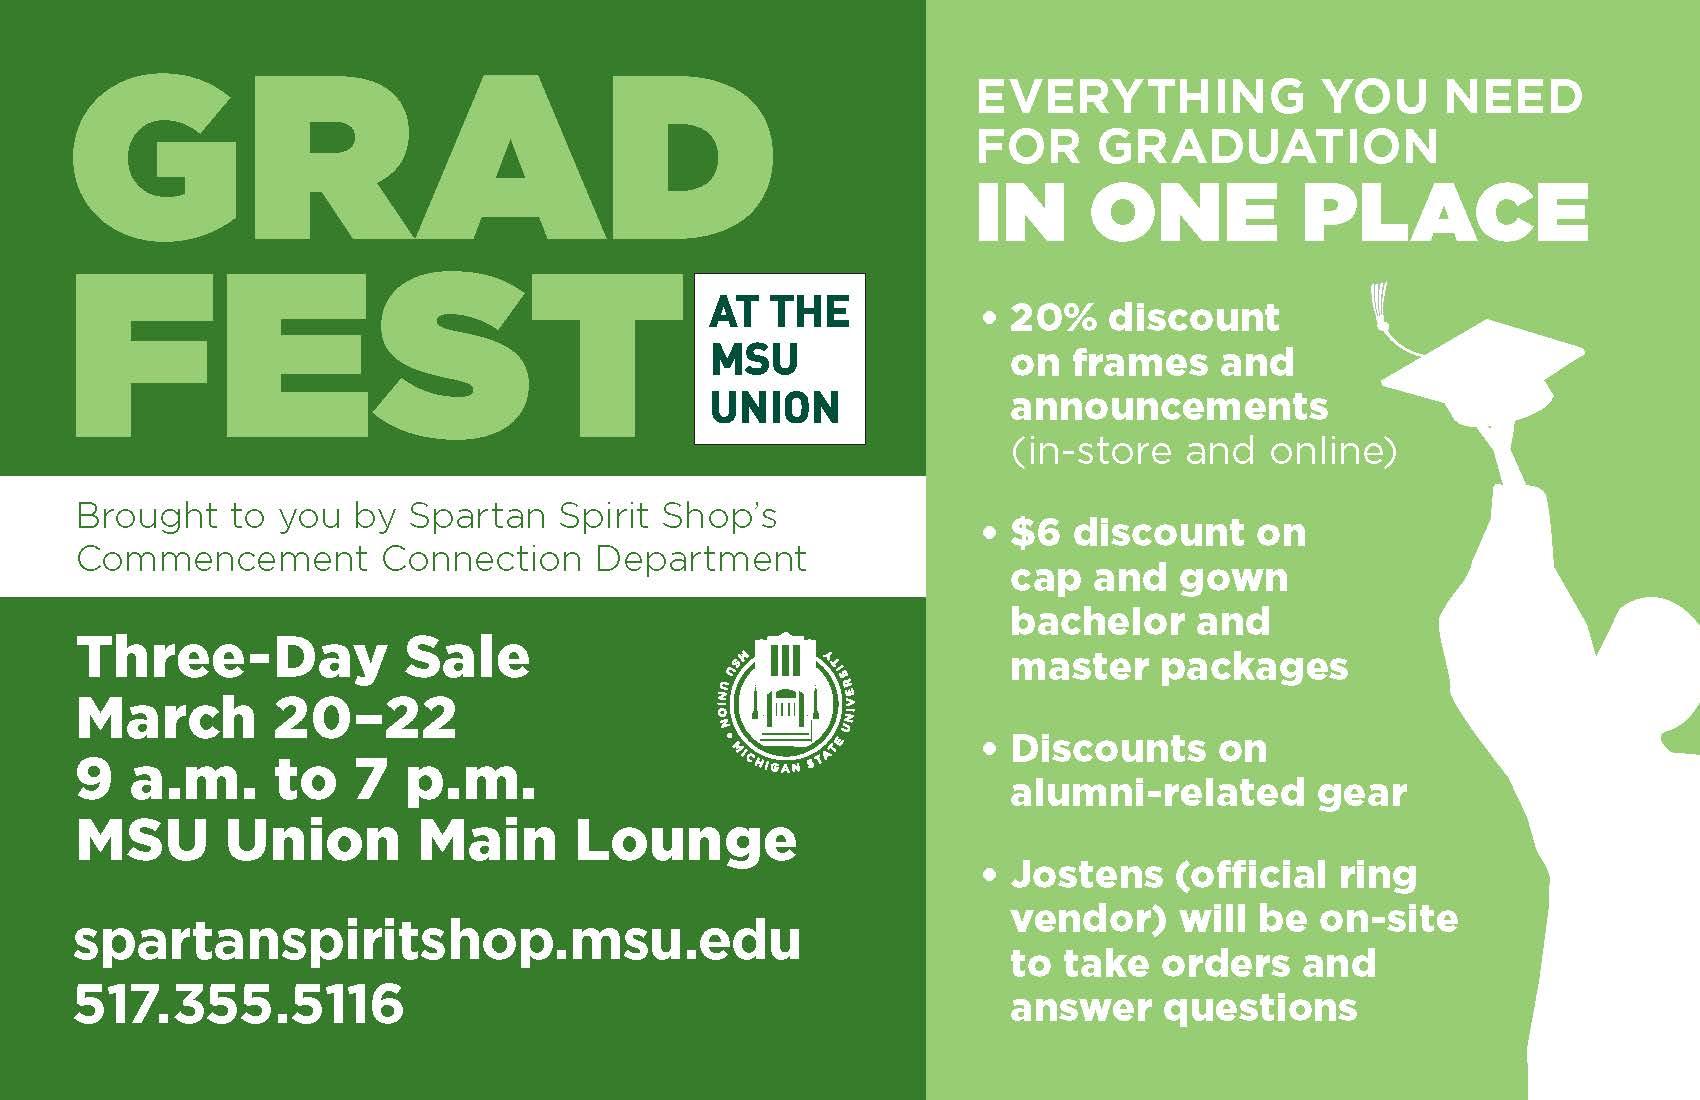 Grad Fest at the MSU Union March 20-22 | The Graduate School